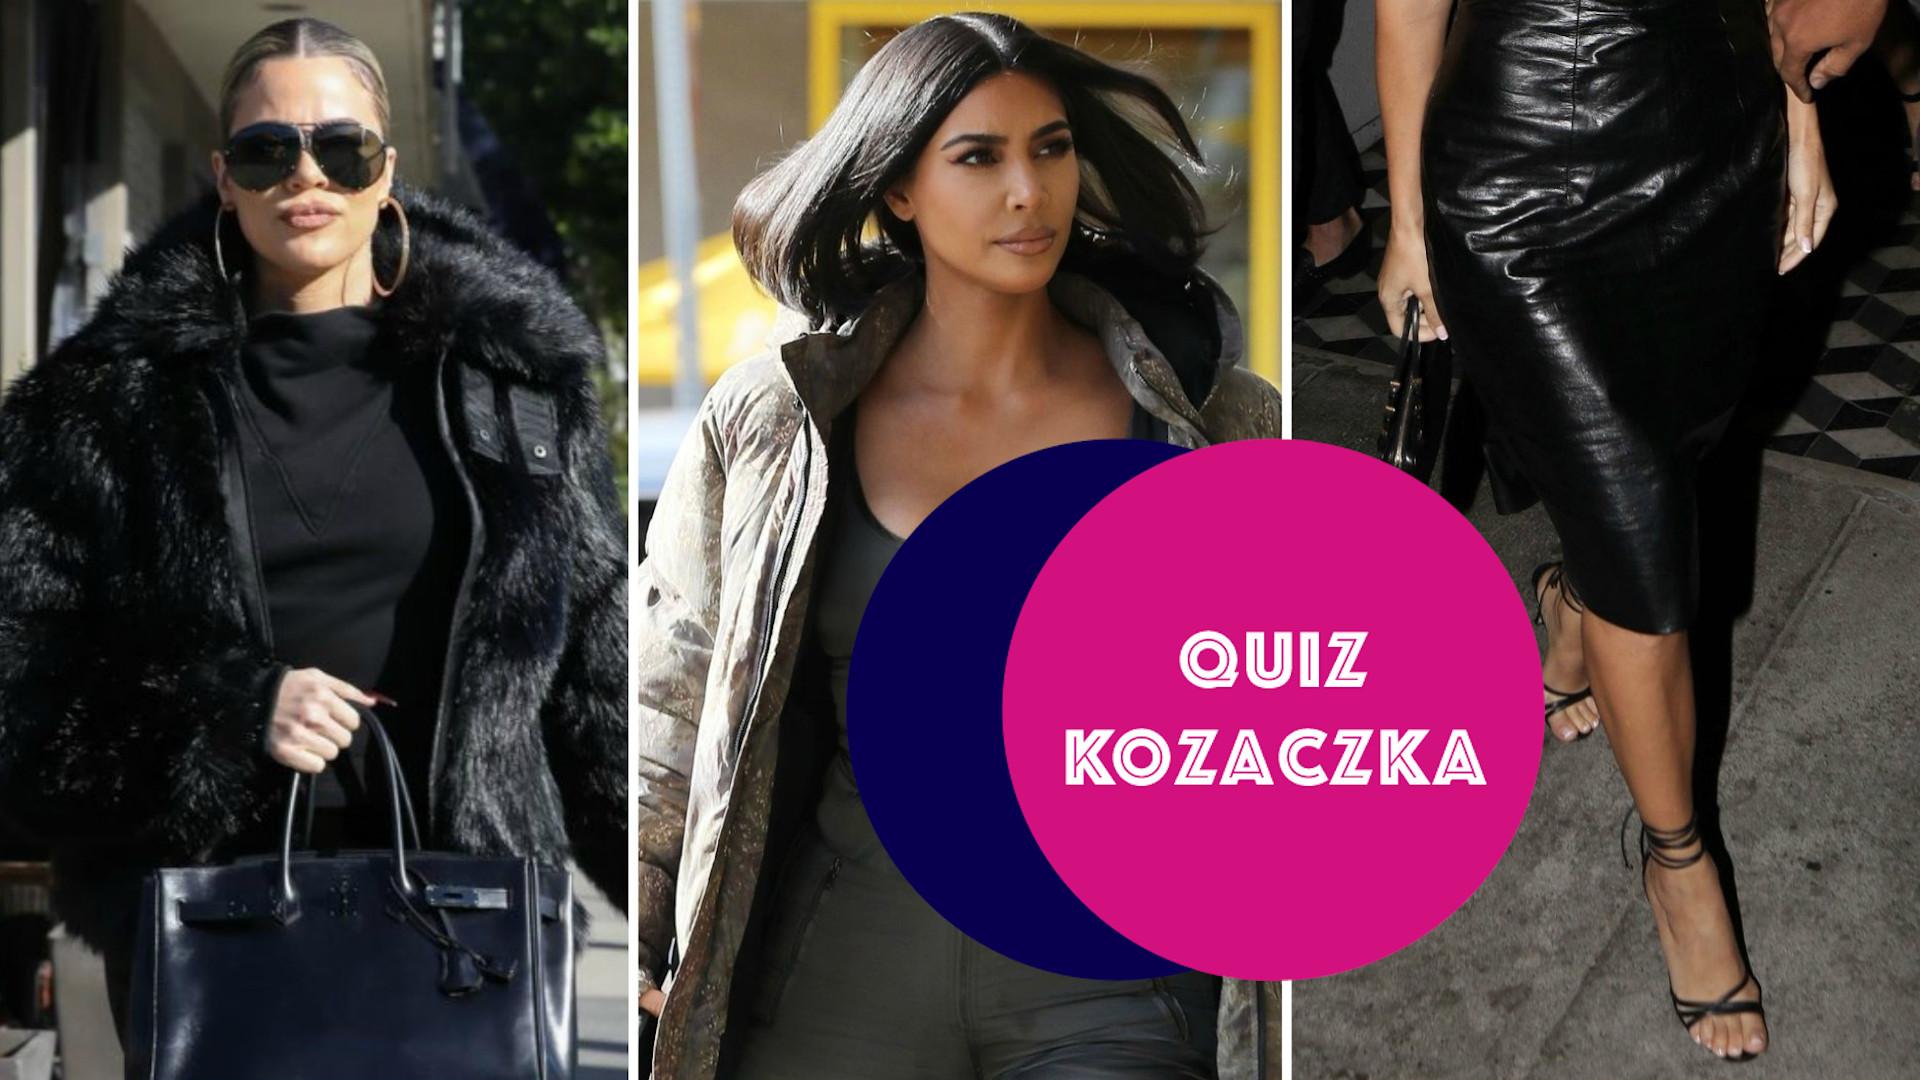 Zgadnij, która z nich jest najwyższa! Trudny test wiedzy o Kardashiankach (QUIZ)